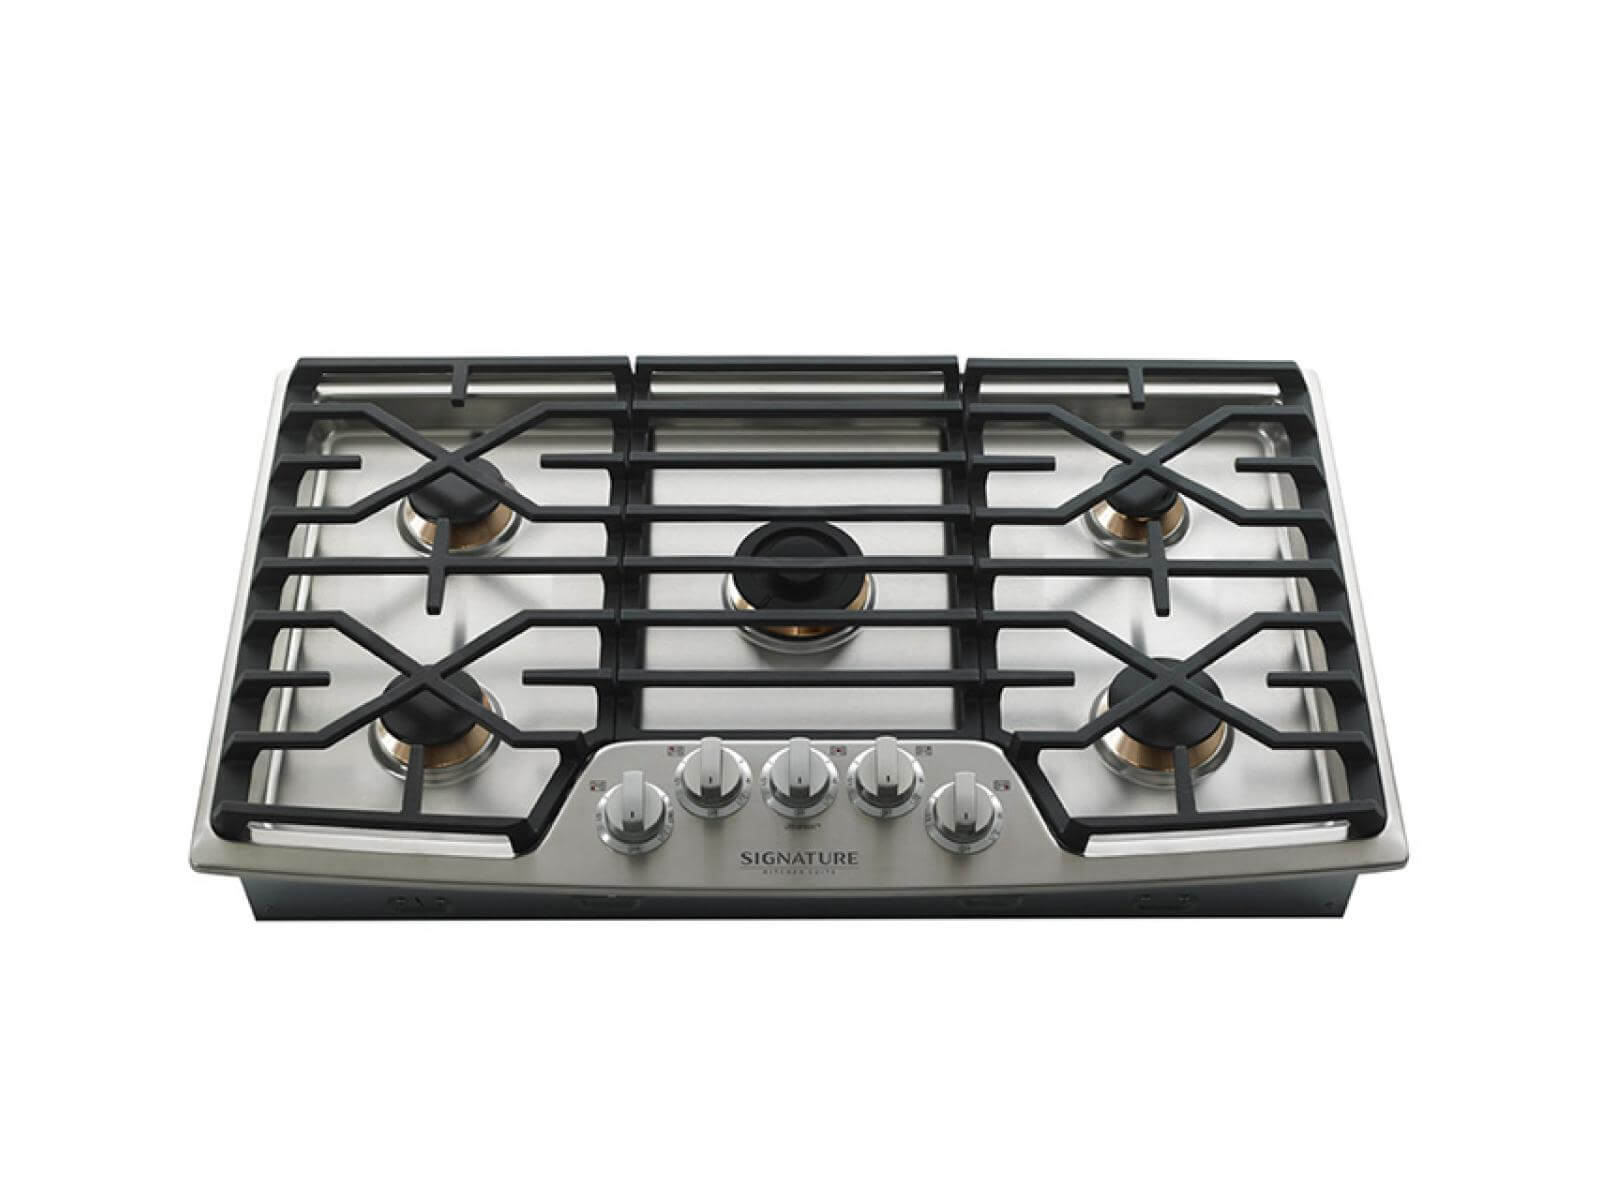 Surface de cuisson au gaz 76cm | Signature Kitchen Suite